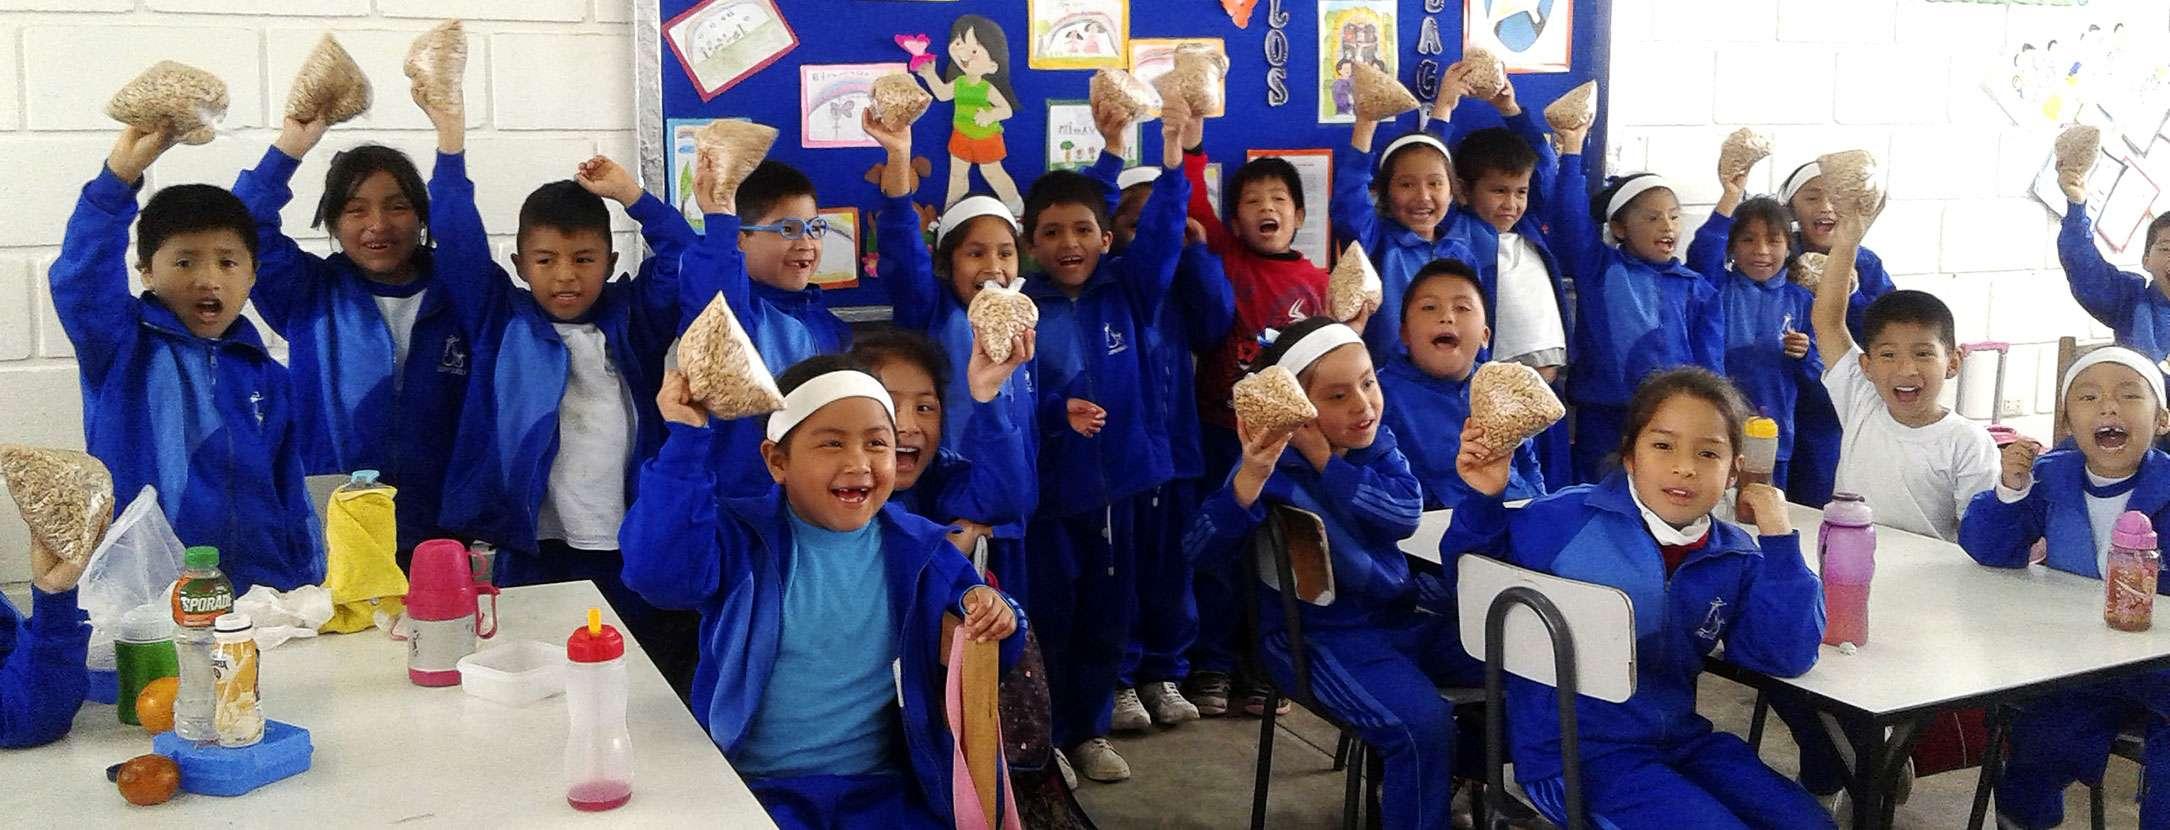 proyecto-lurin-escuela-1